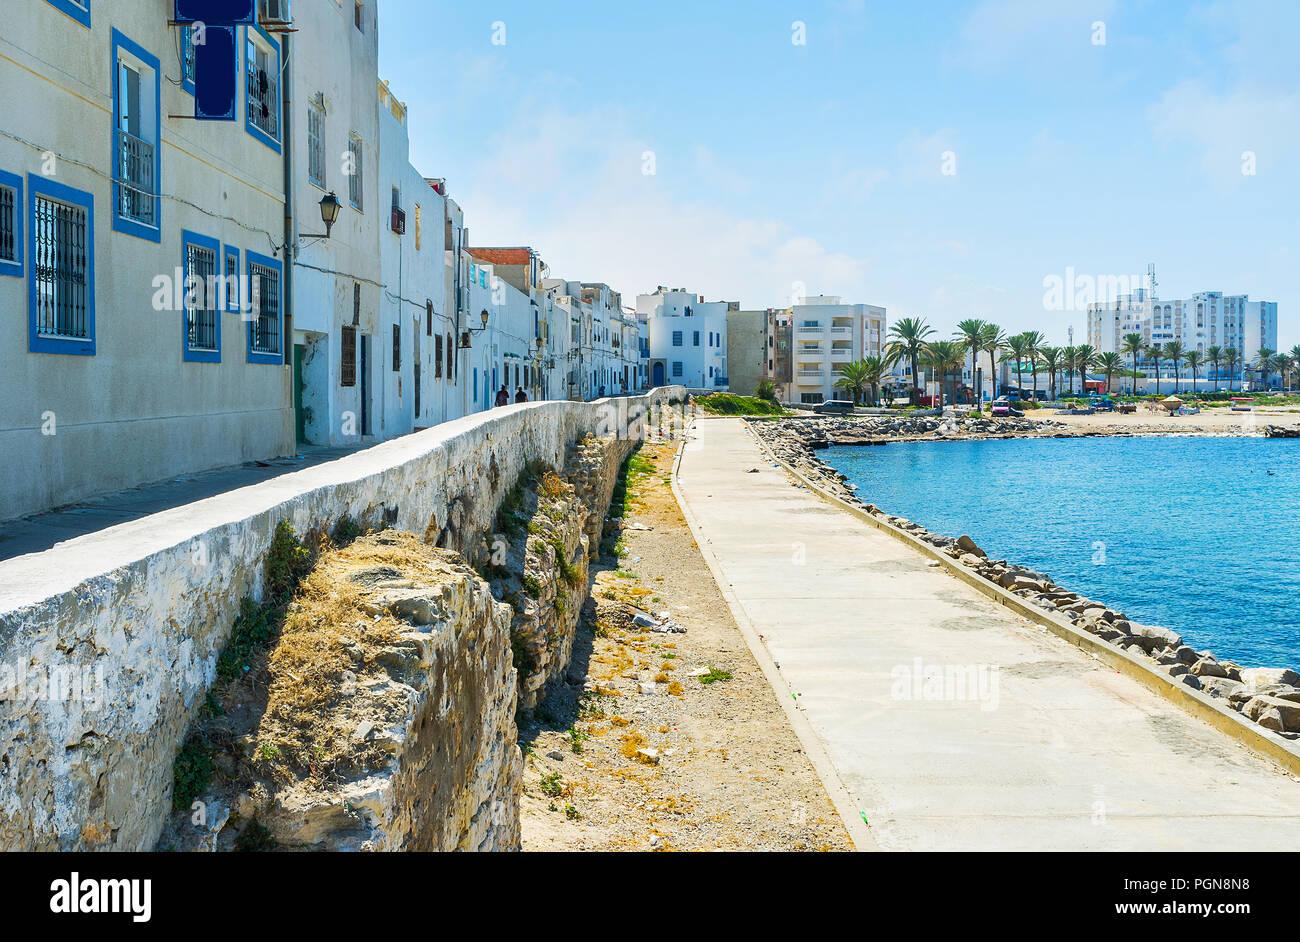 L'agréable promenade à l'ombre des maisons le long de la côte de la mer de Mahdia, Tunisie. Photo Stock